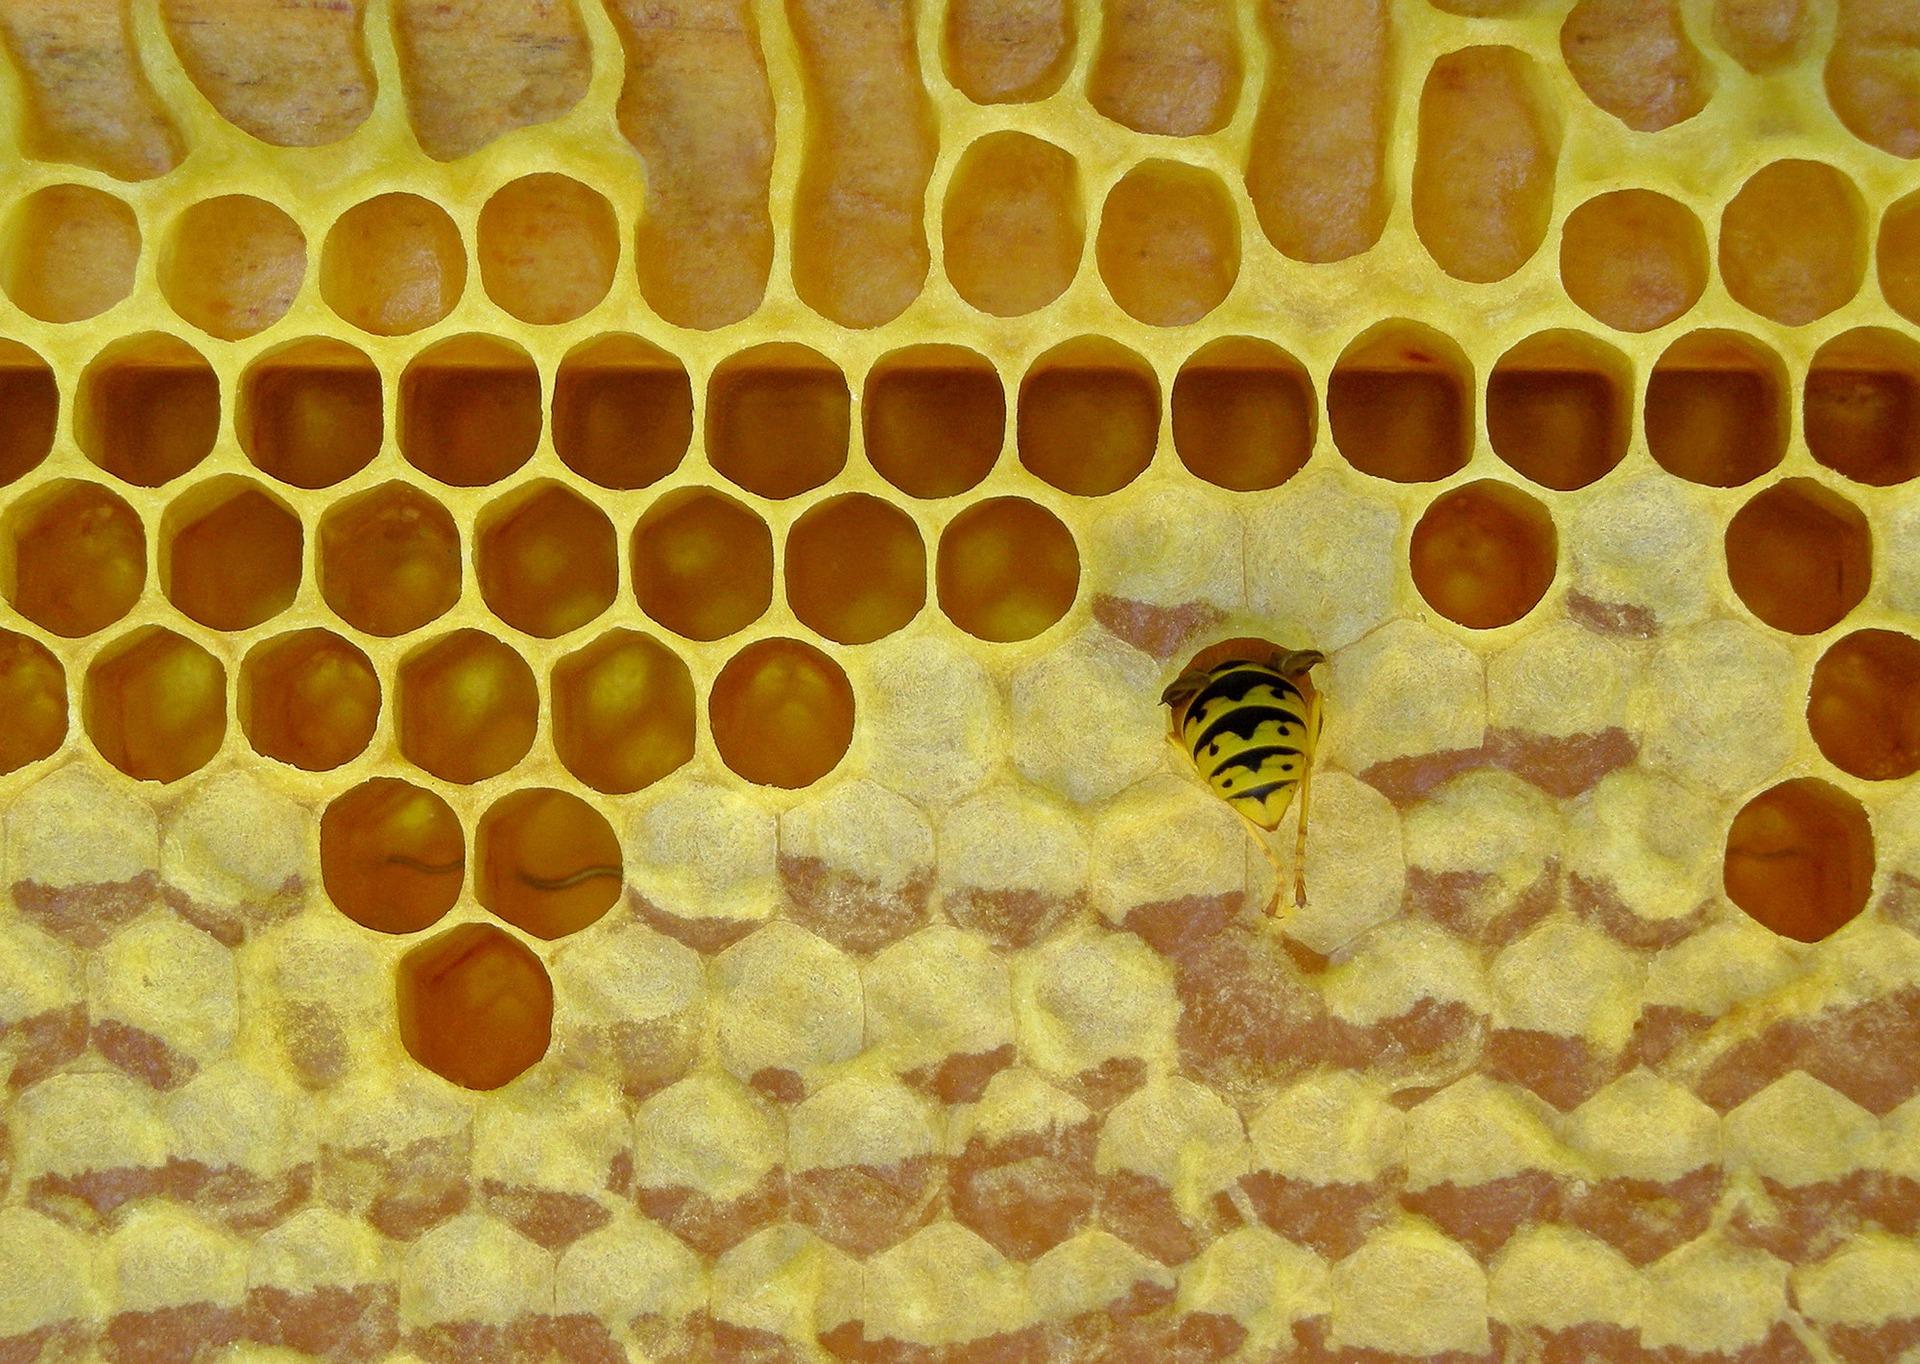 honeycomb-2755409_1920